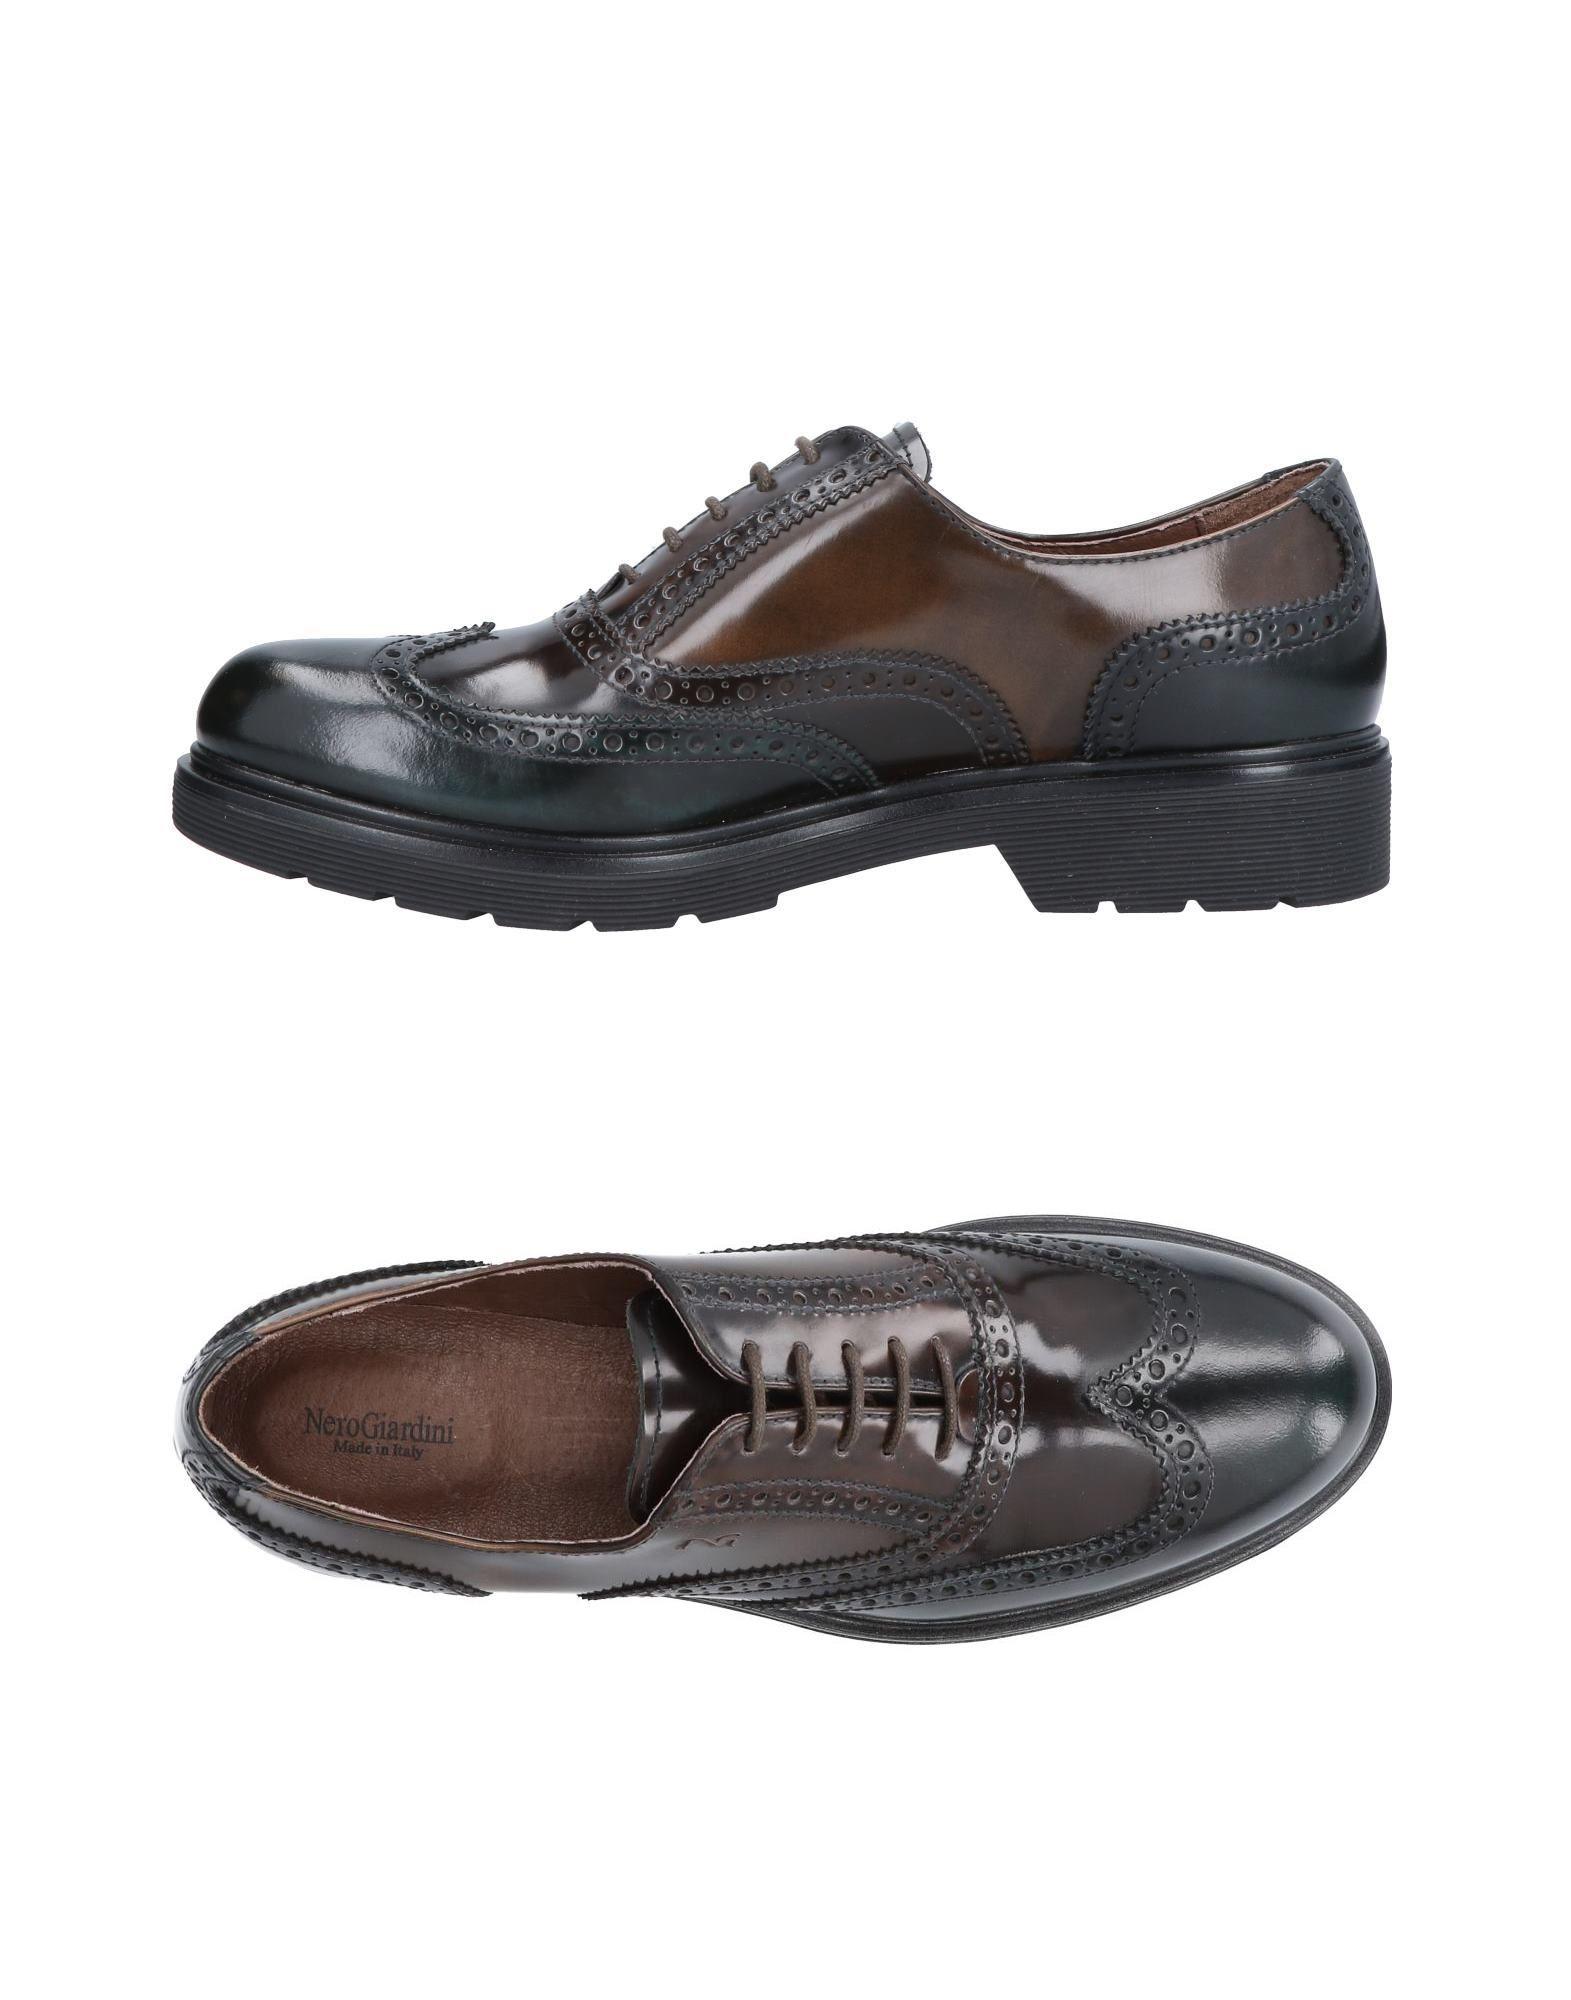 Nero Giardini Schnürschuhe Damen  11297412UR Neue Schuhe